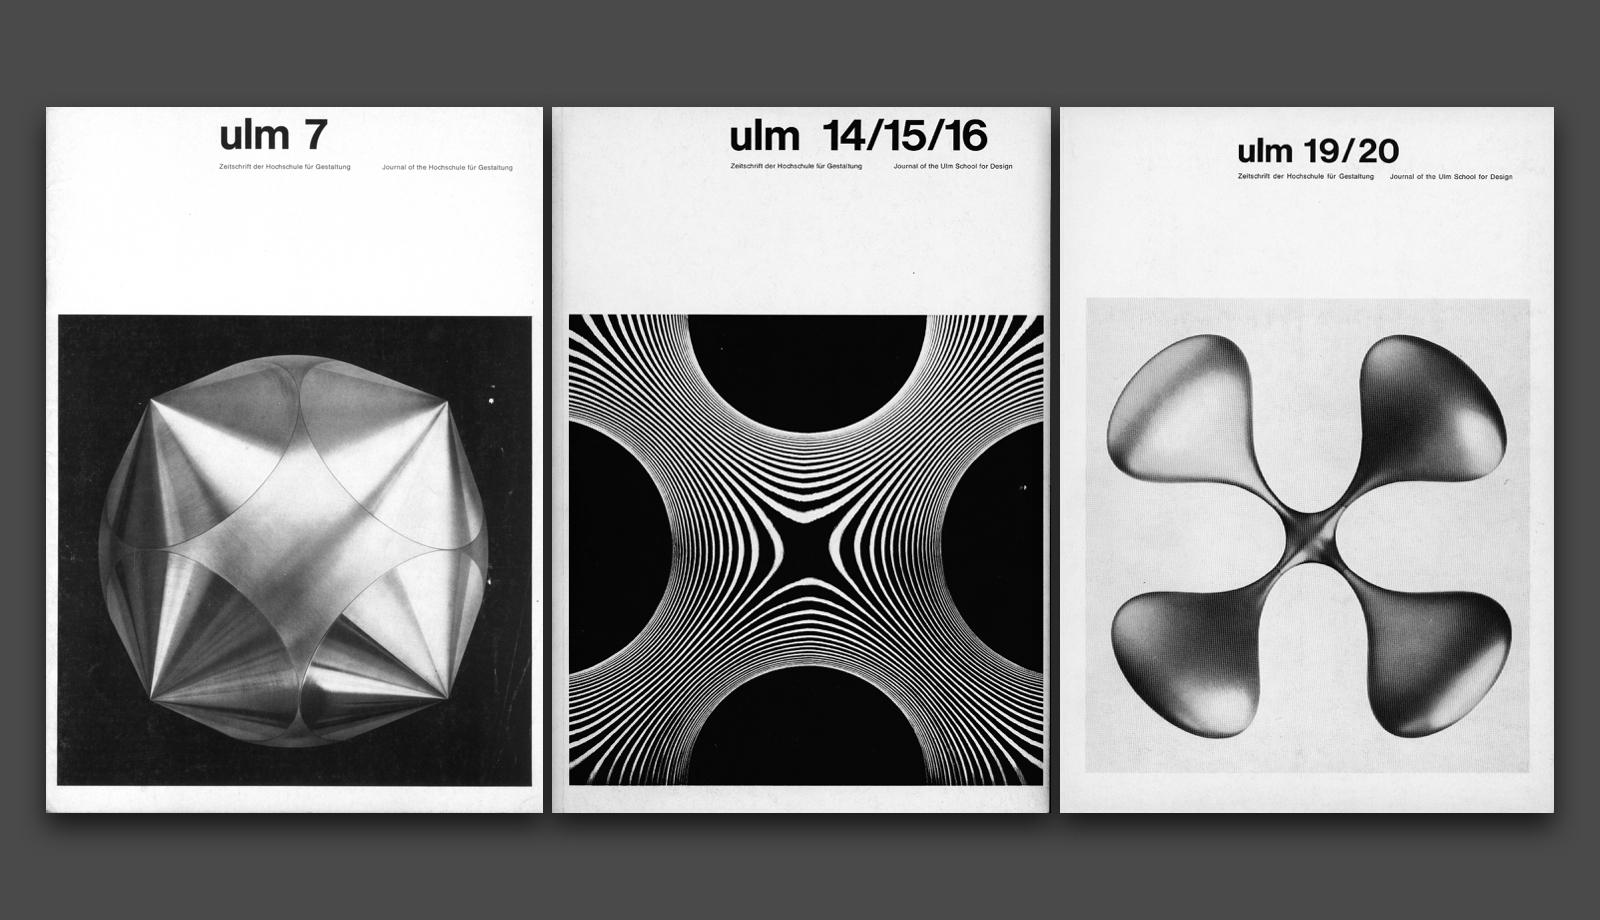 190401_Designgeschichte_ReneSpitz_ulm_ZeitschriftHfGUlm1958-1968